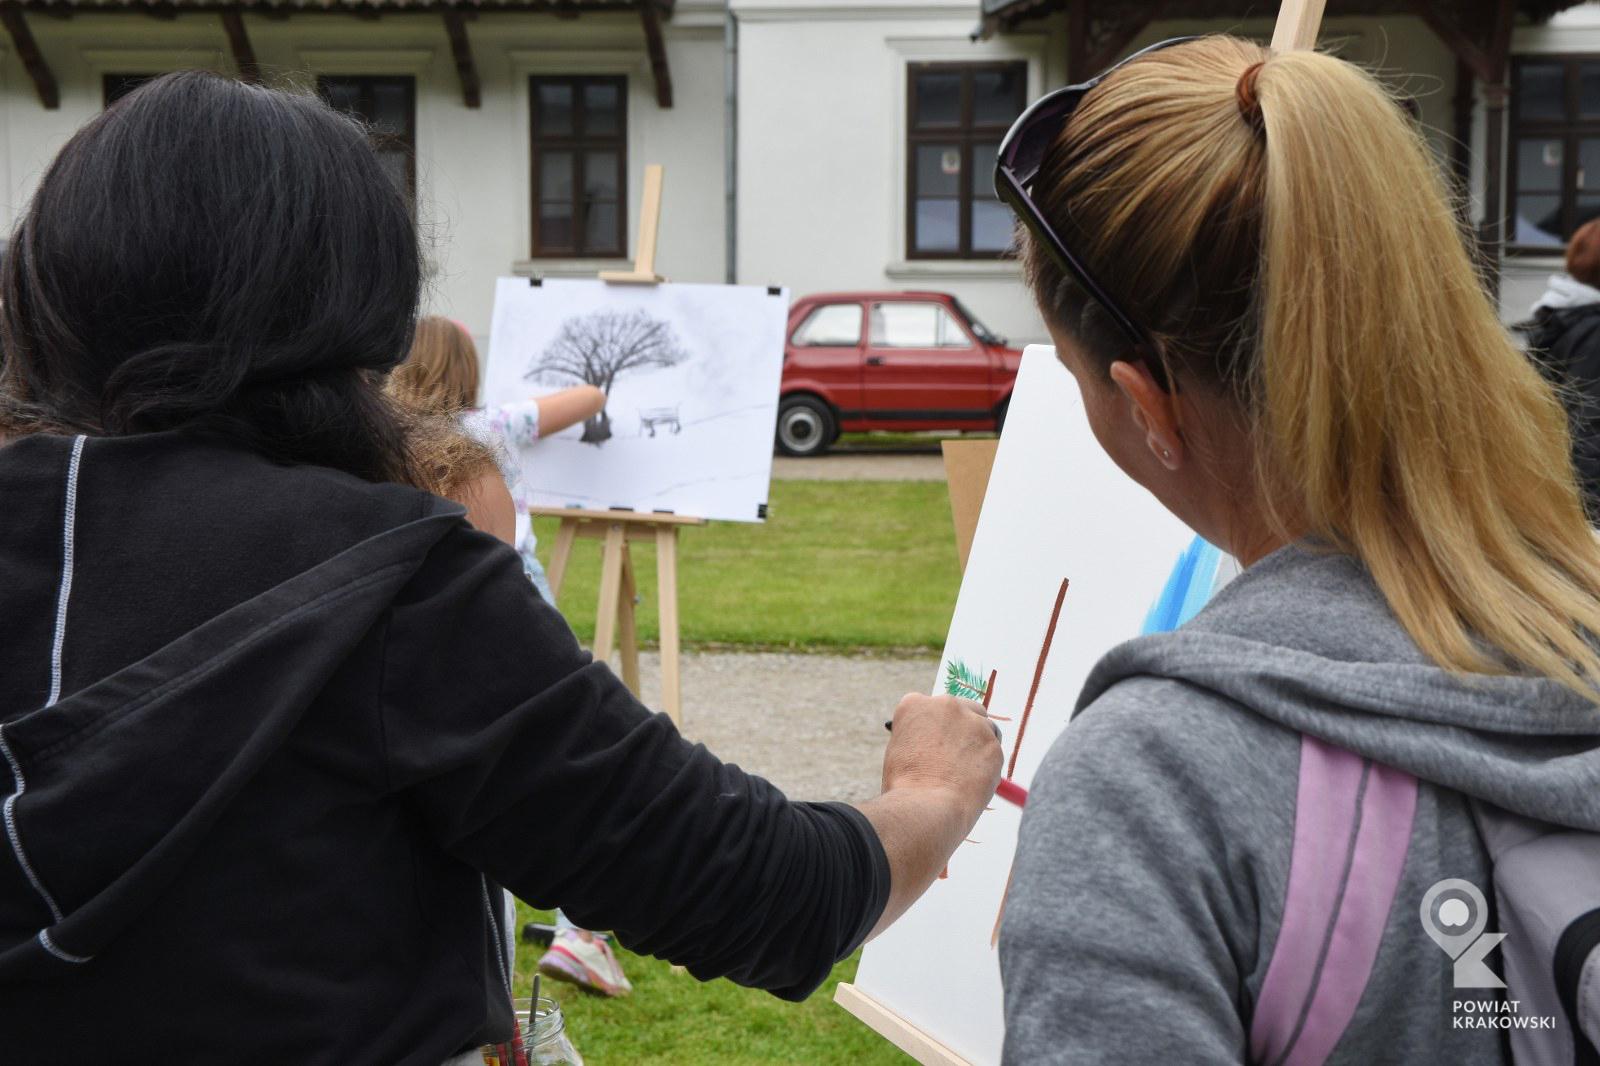 Kobieta maluje obrazek, druga kobieta się przygląda. W tle dziecko rysuje drzewo